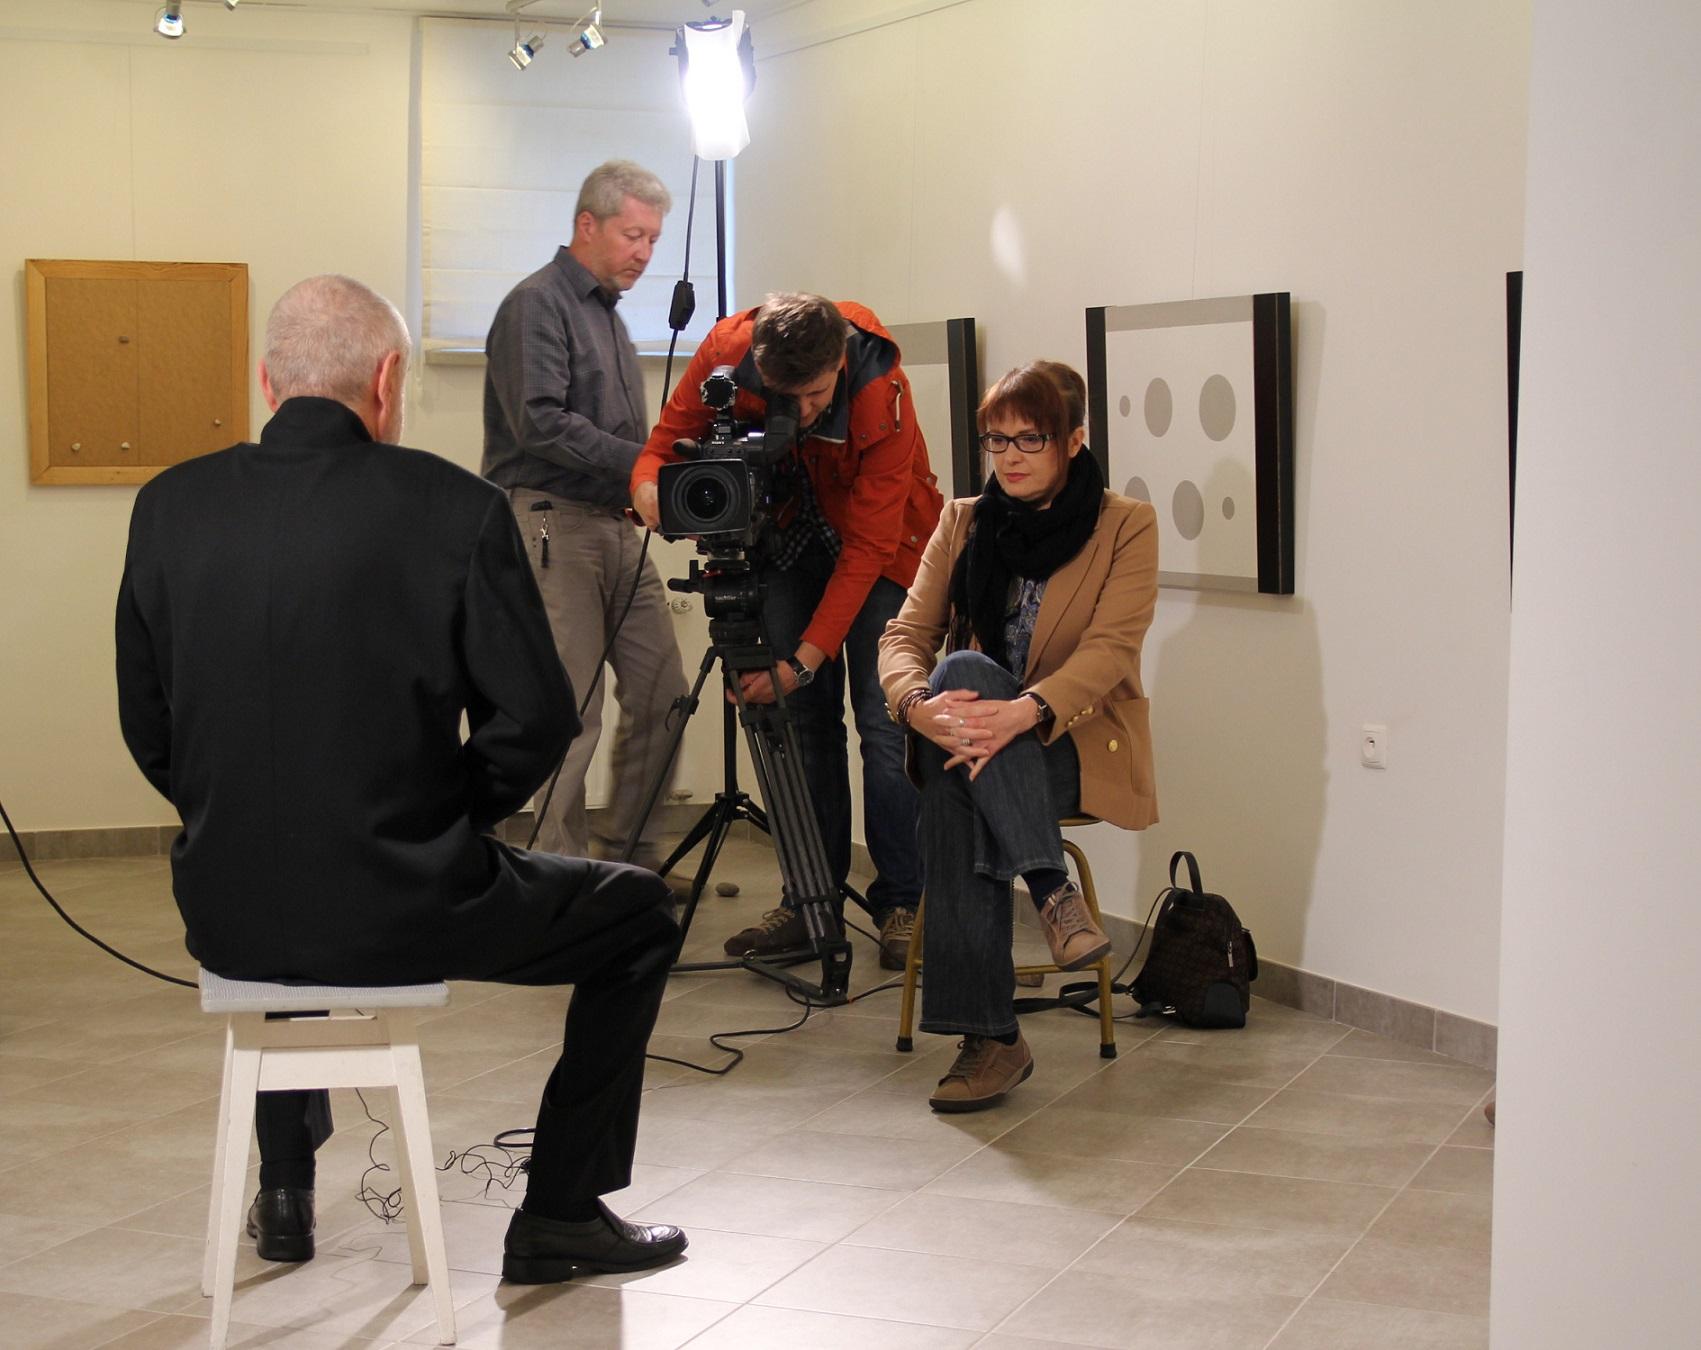 Ekipa TVP Lublin w czasie realizacji filmu na temat malarstwa Koji Kamoji. Galeria sztuki spa spot, Nałęczów, wrzesień 2012 roku.